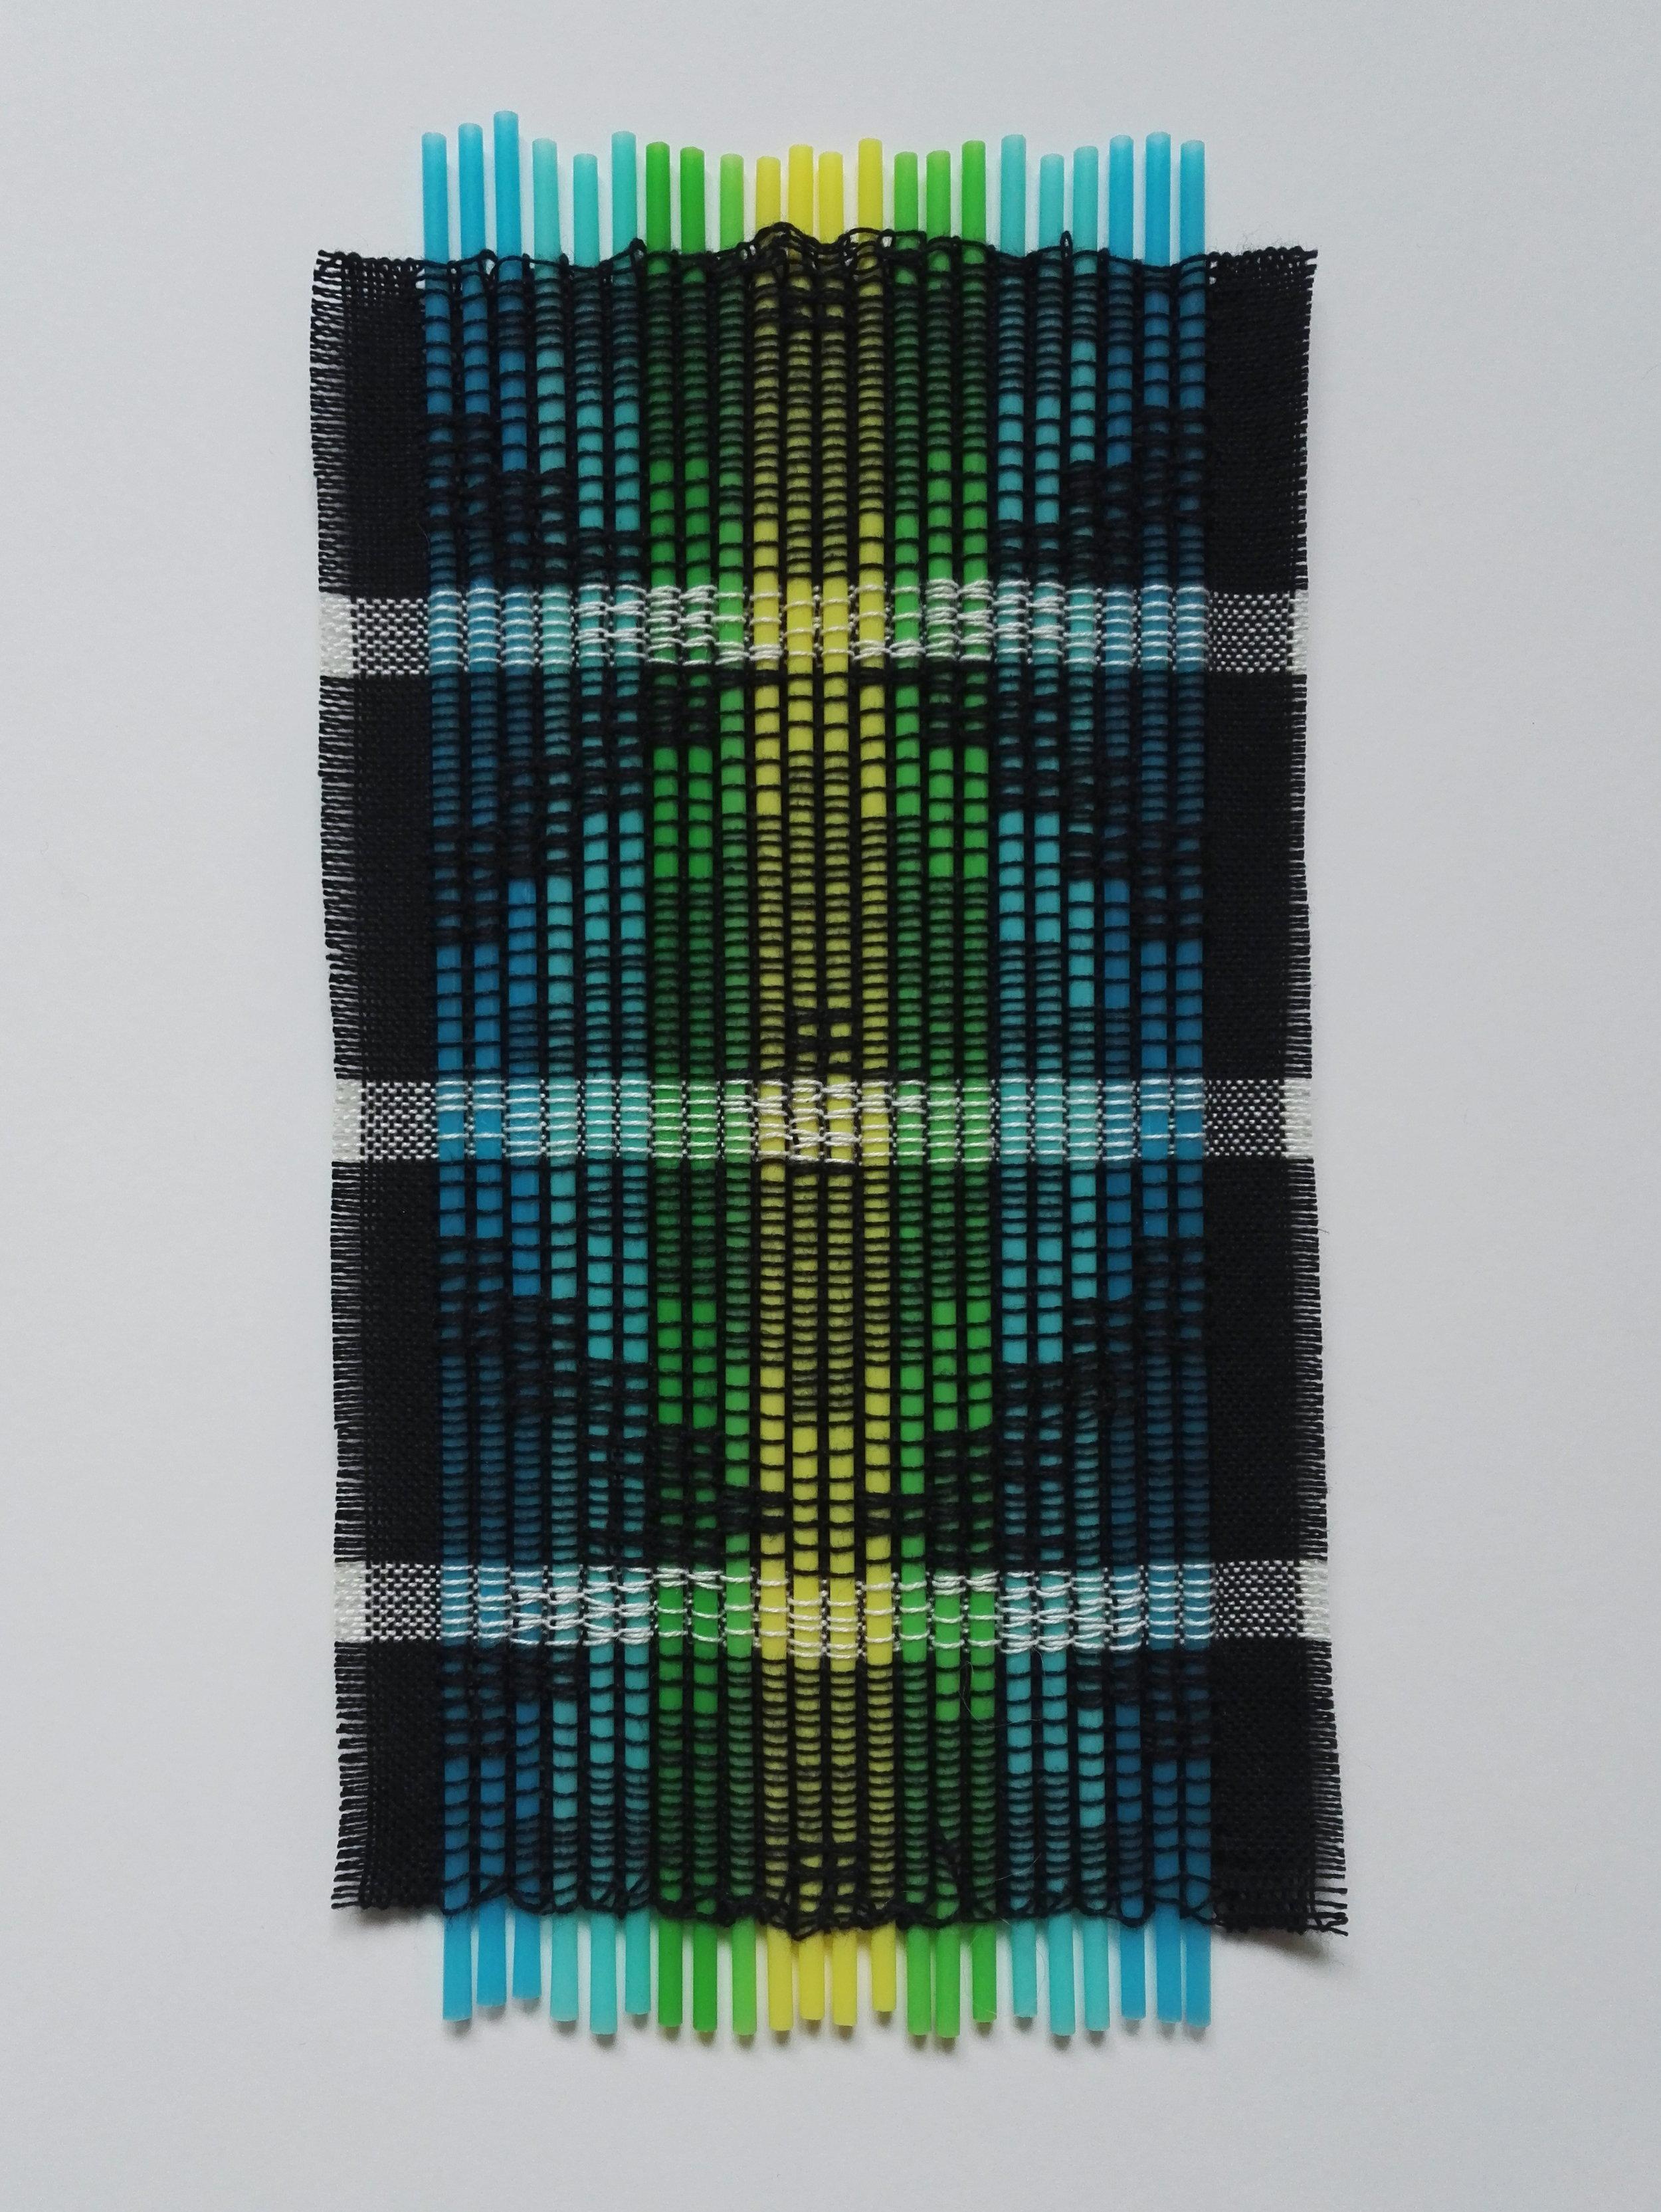 Spectrum, 2018